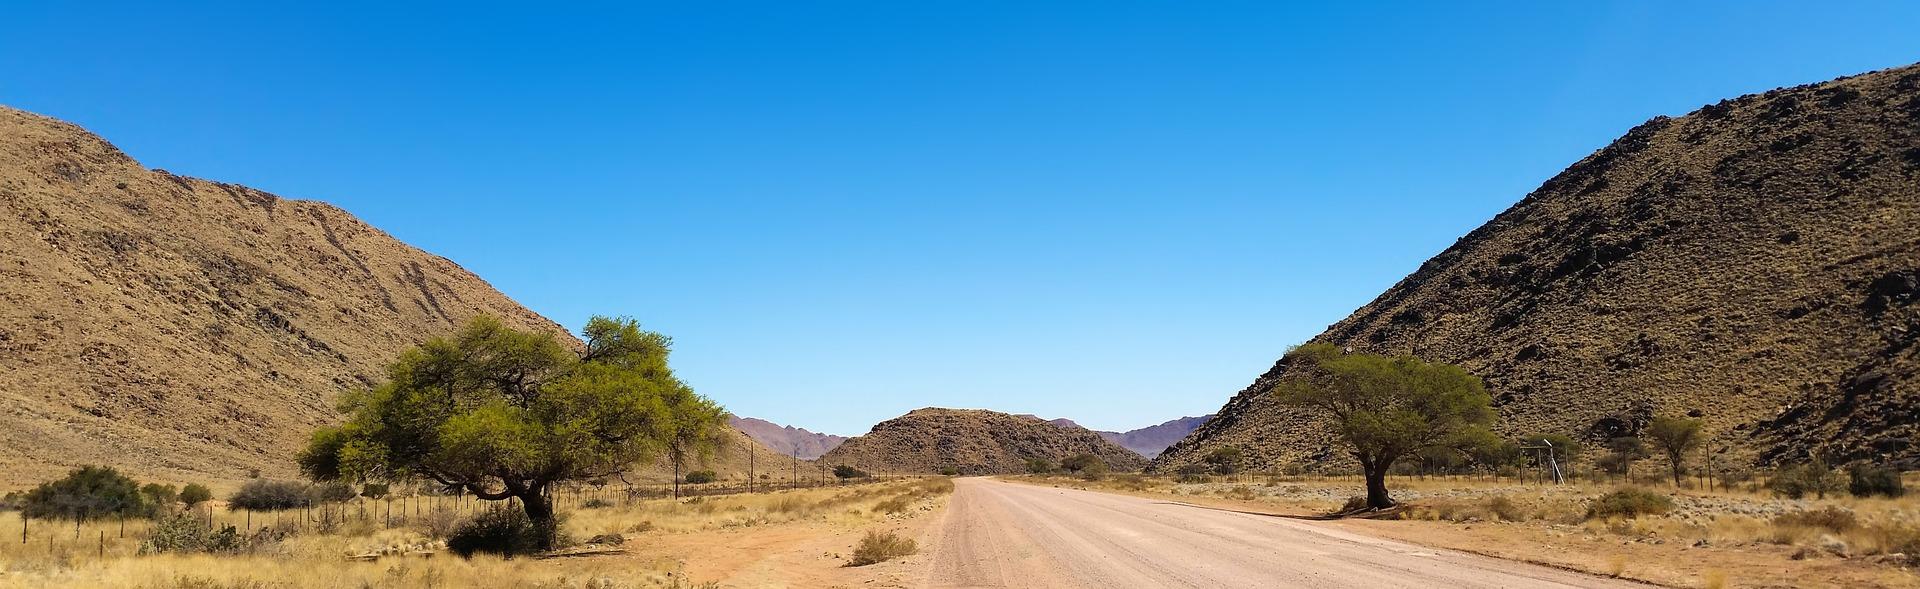 Circuit Namibia